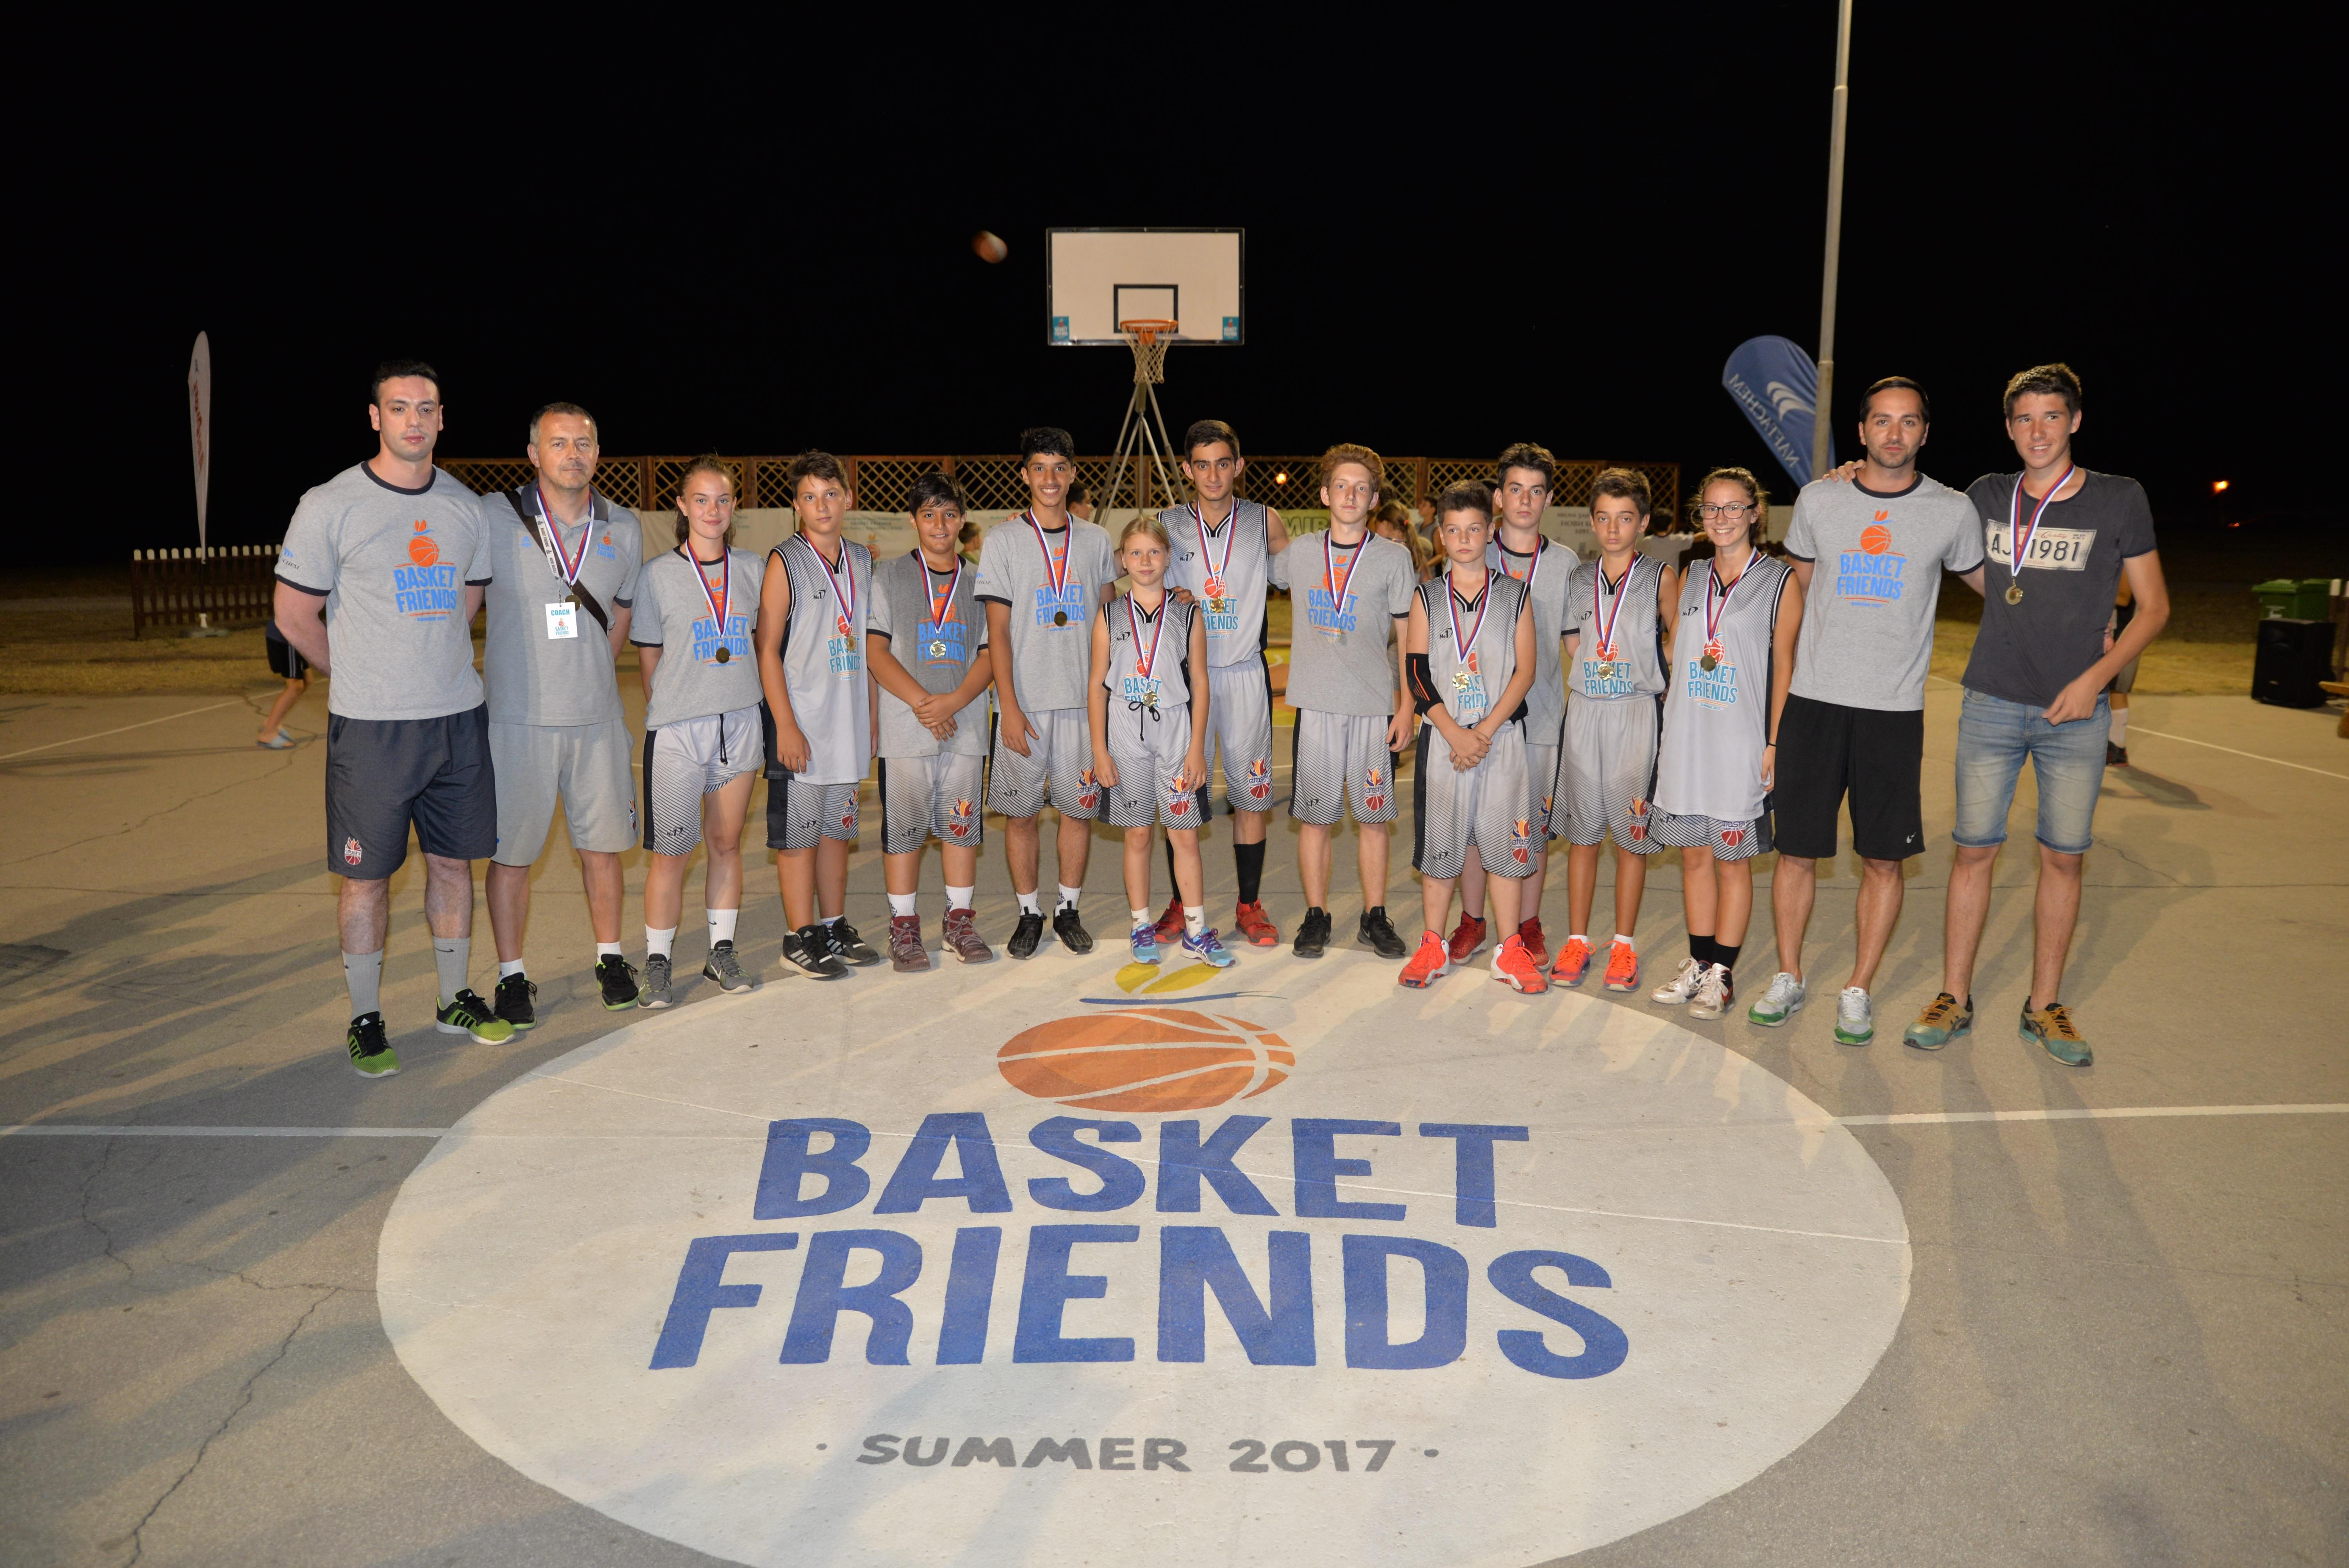 Basketfriends 2017. - winning team second shift